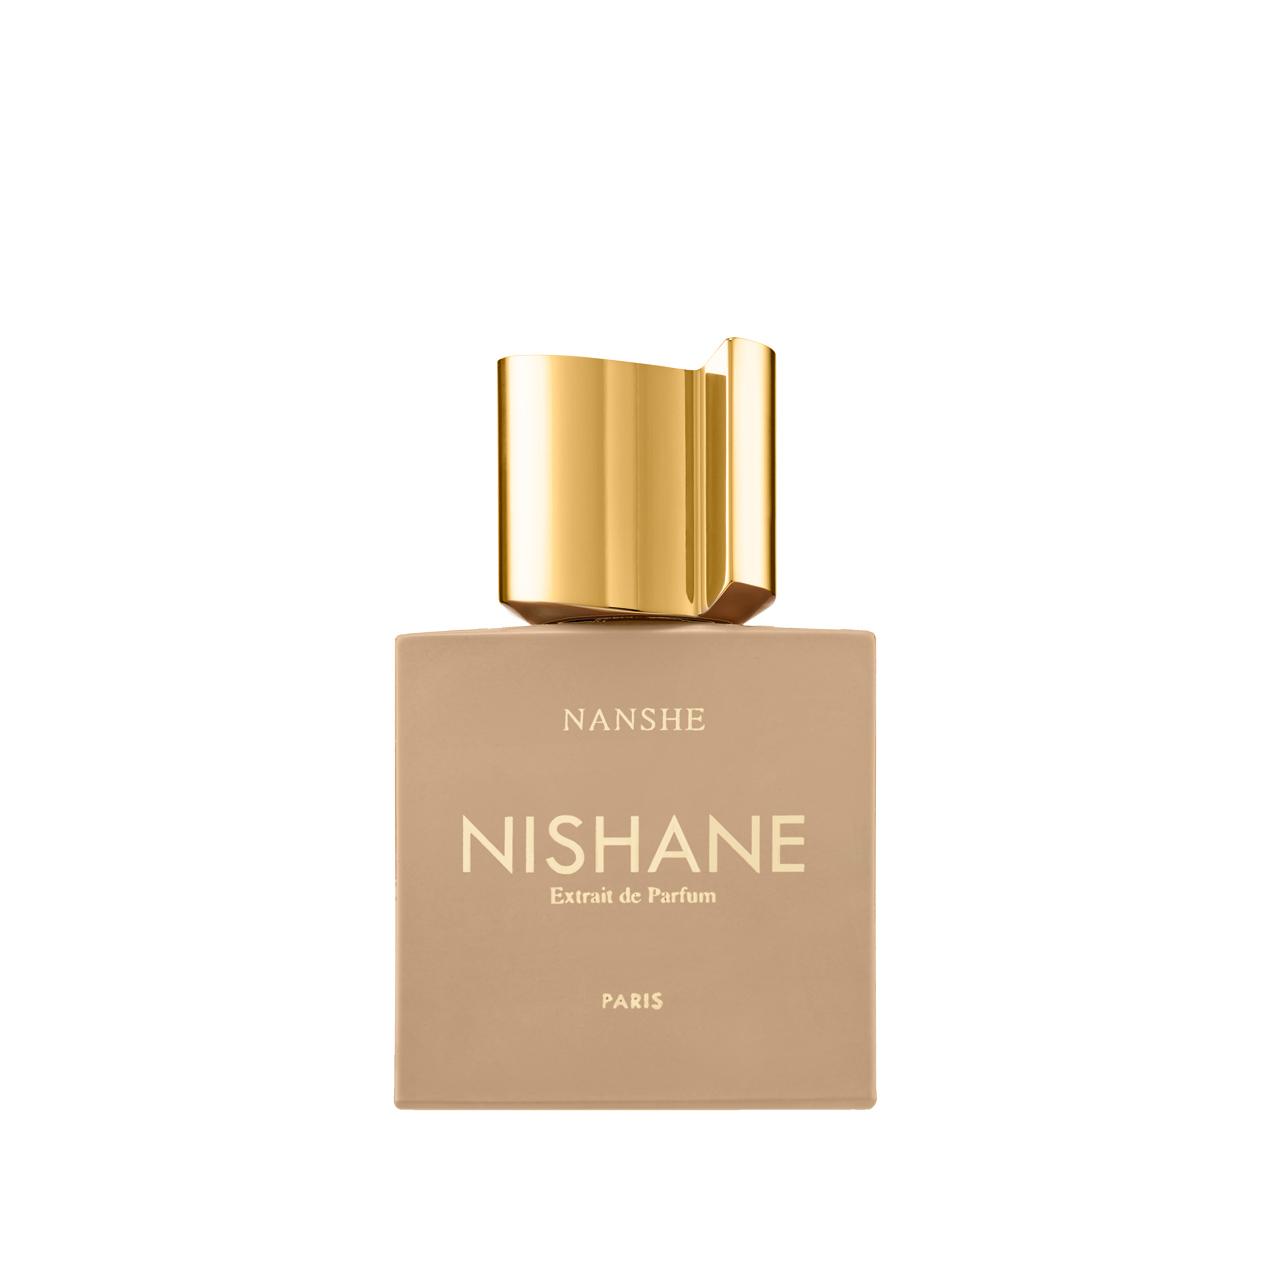 Nanshe - Extrait de Parfum